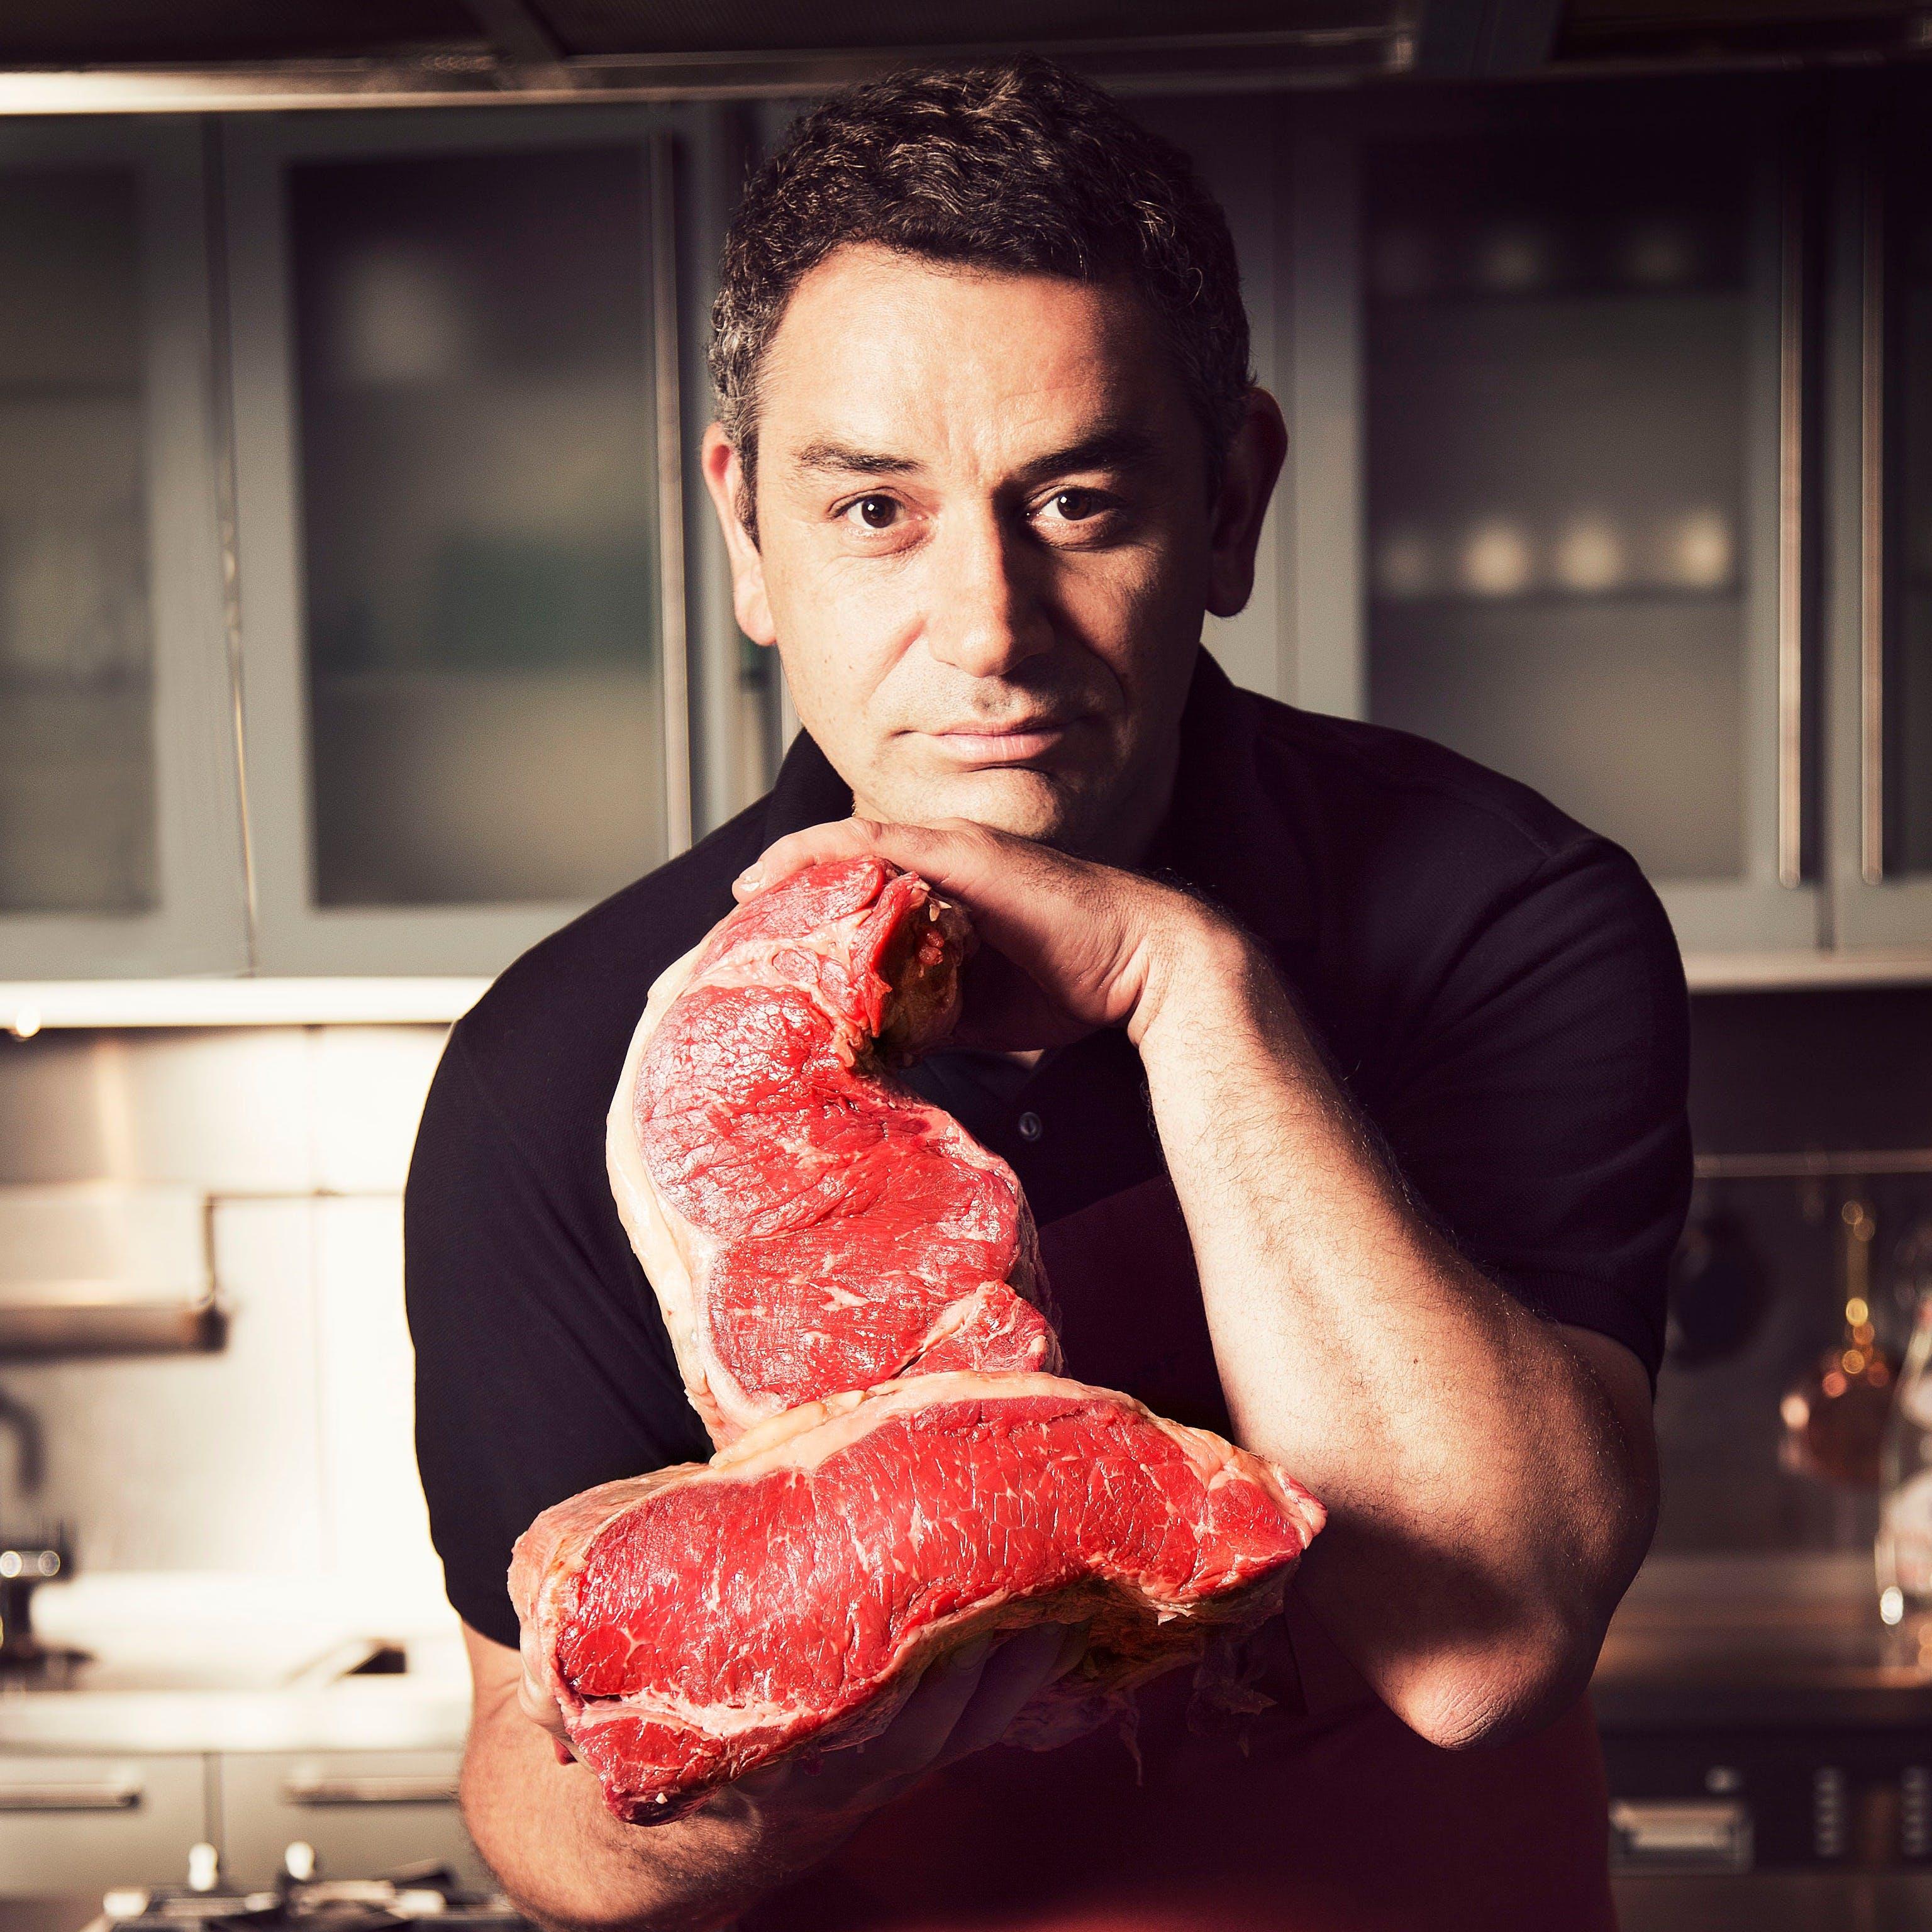 「世界一の肉の目利き」と評される肉職人、ユーゴ・デノワイエ